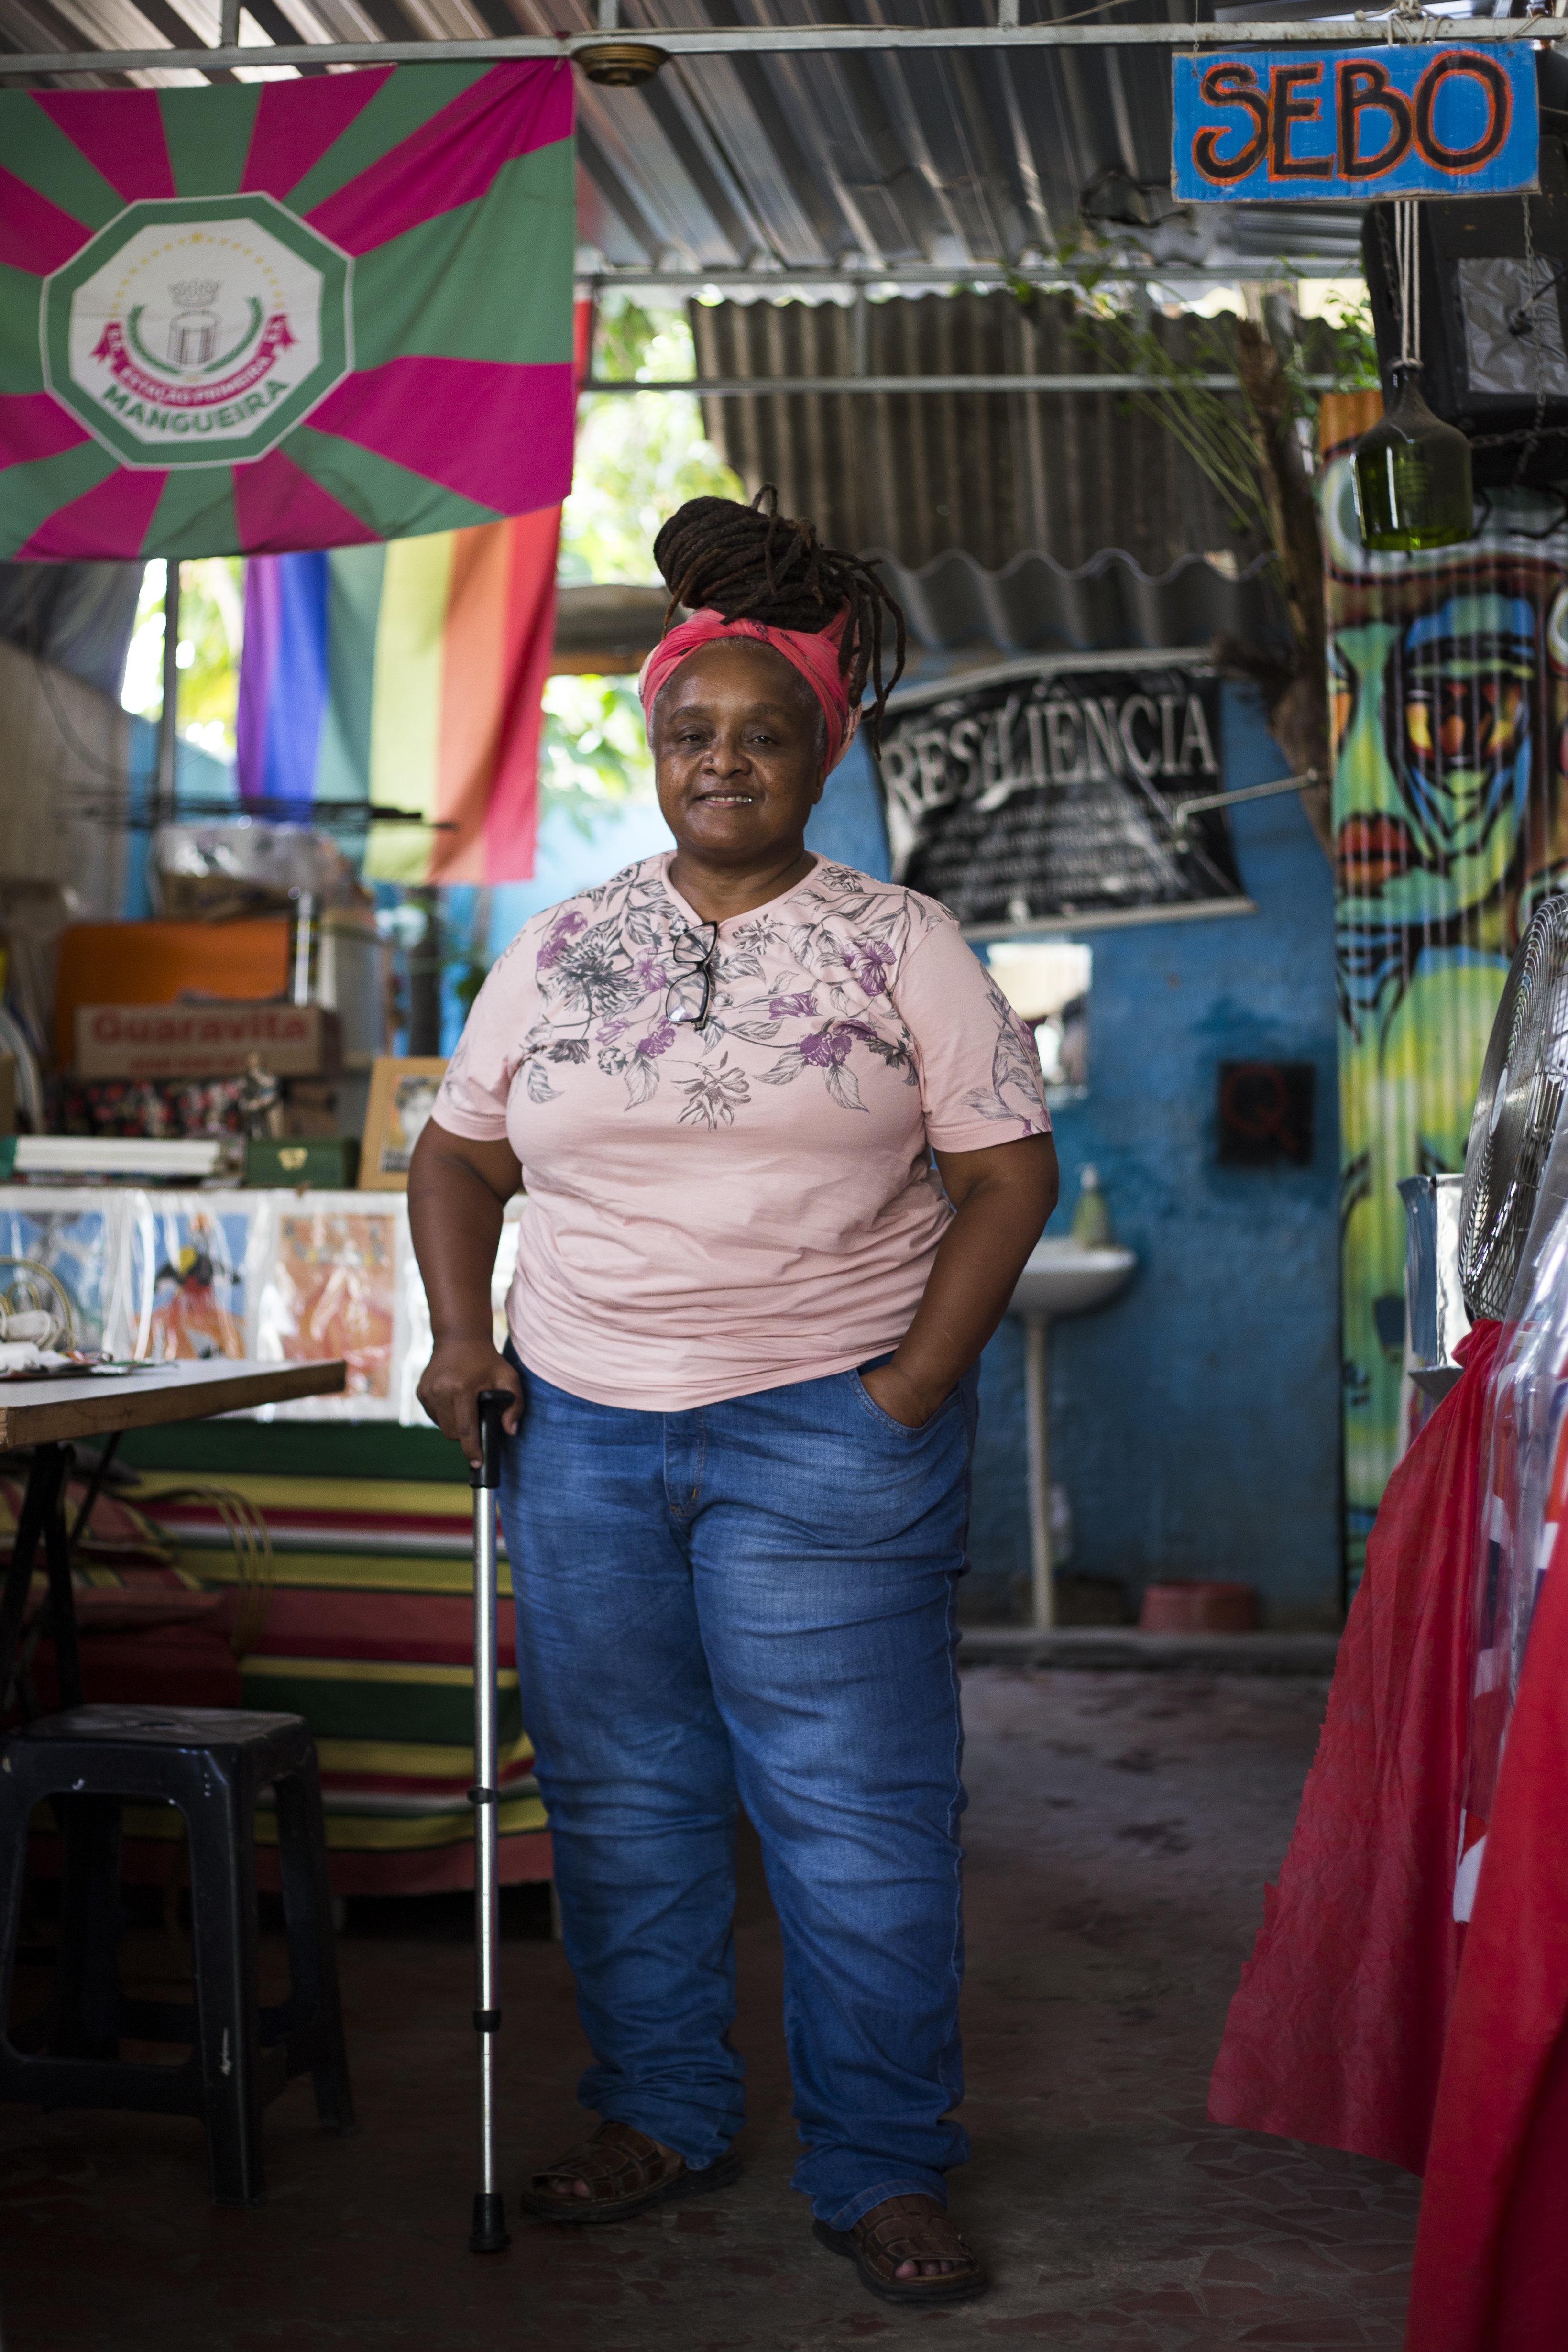 A dona do espaço seguro para lésbicas no subúrbio